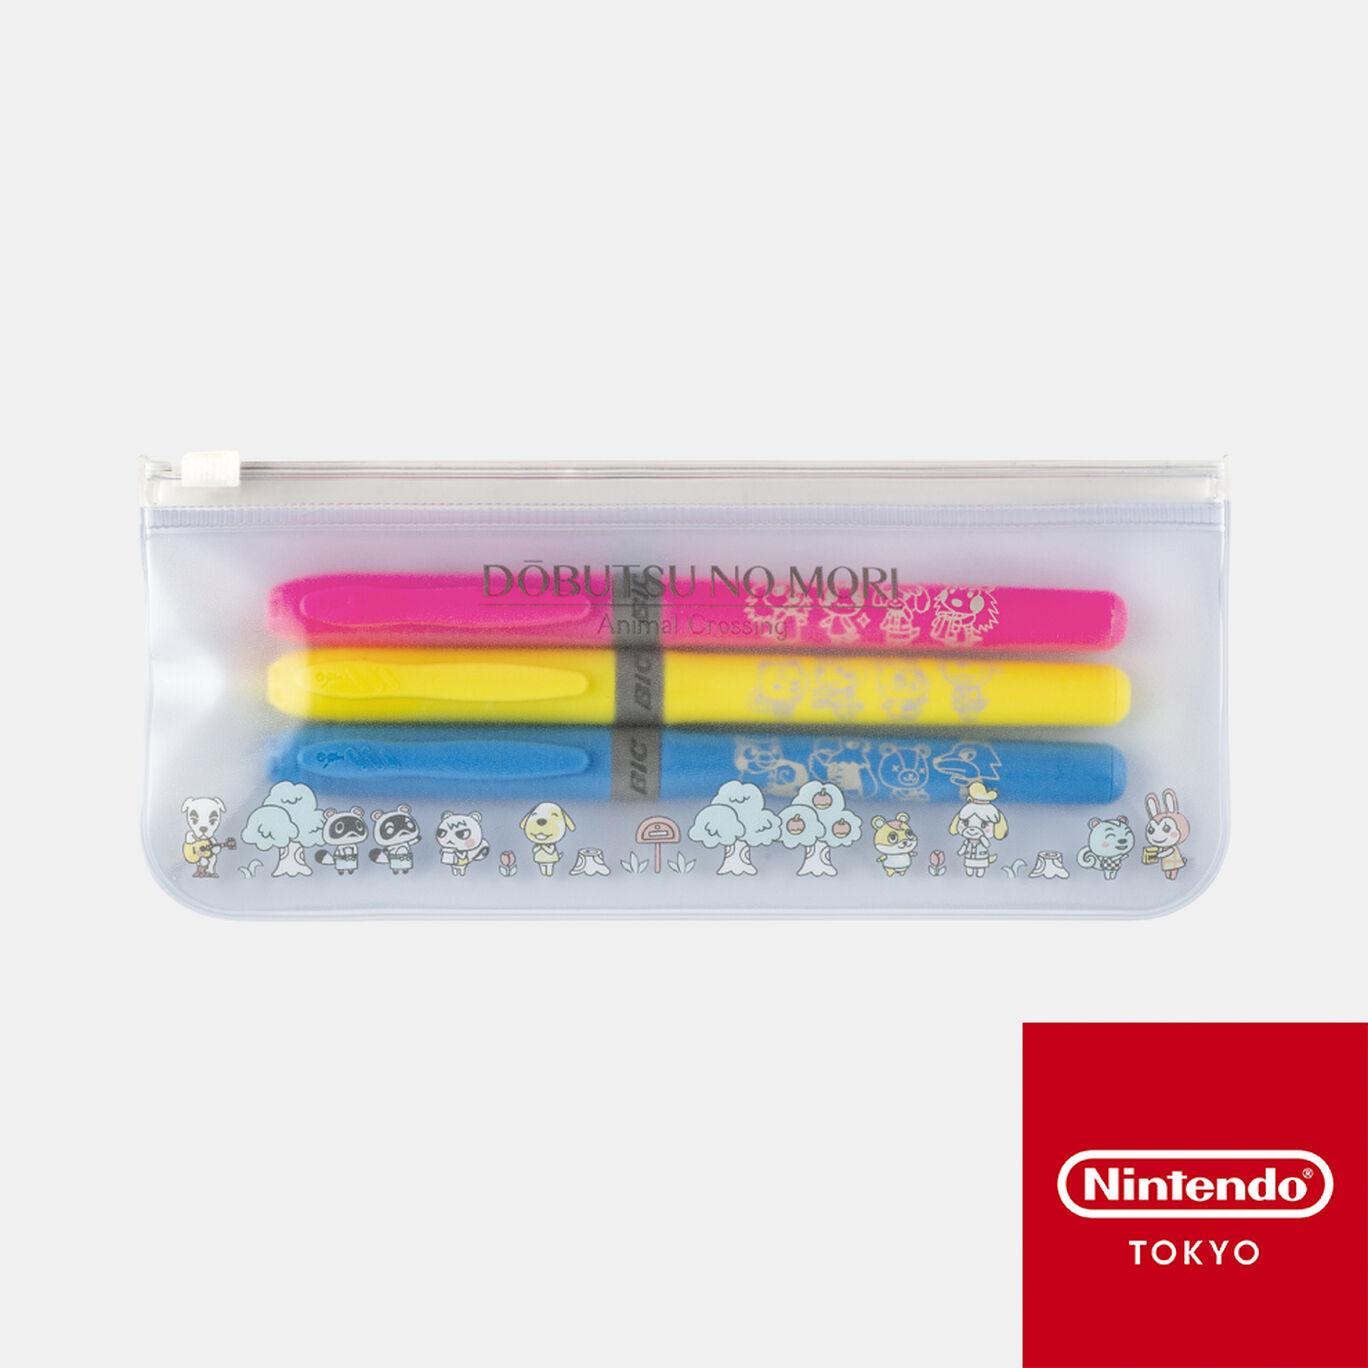 マーカーペン3本セット どうぶつの森【Nintendo TOKYO取り扱い商品】